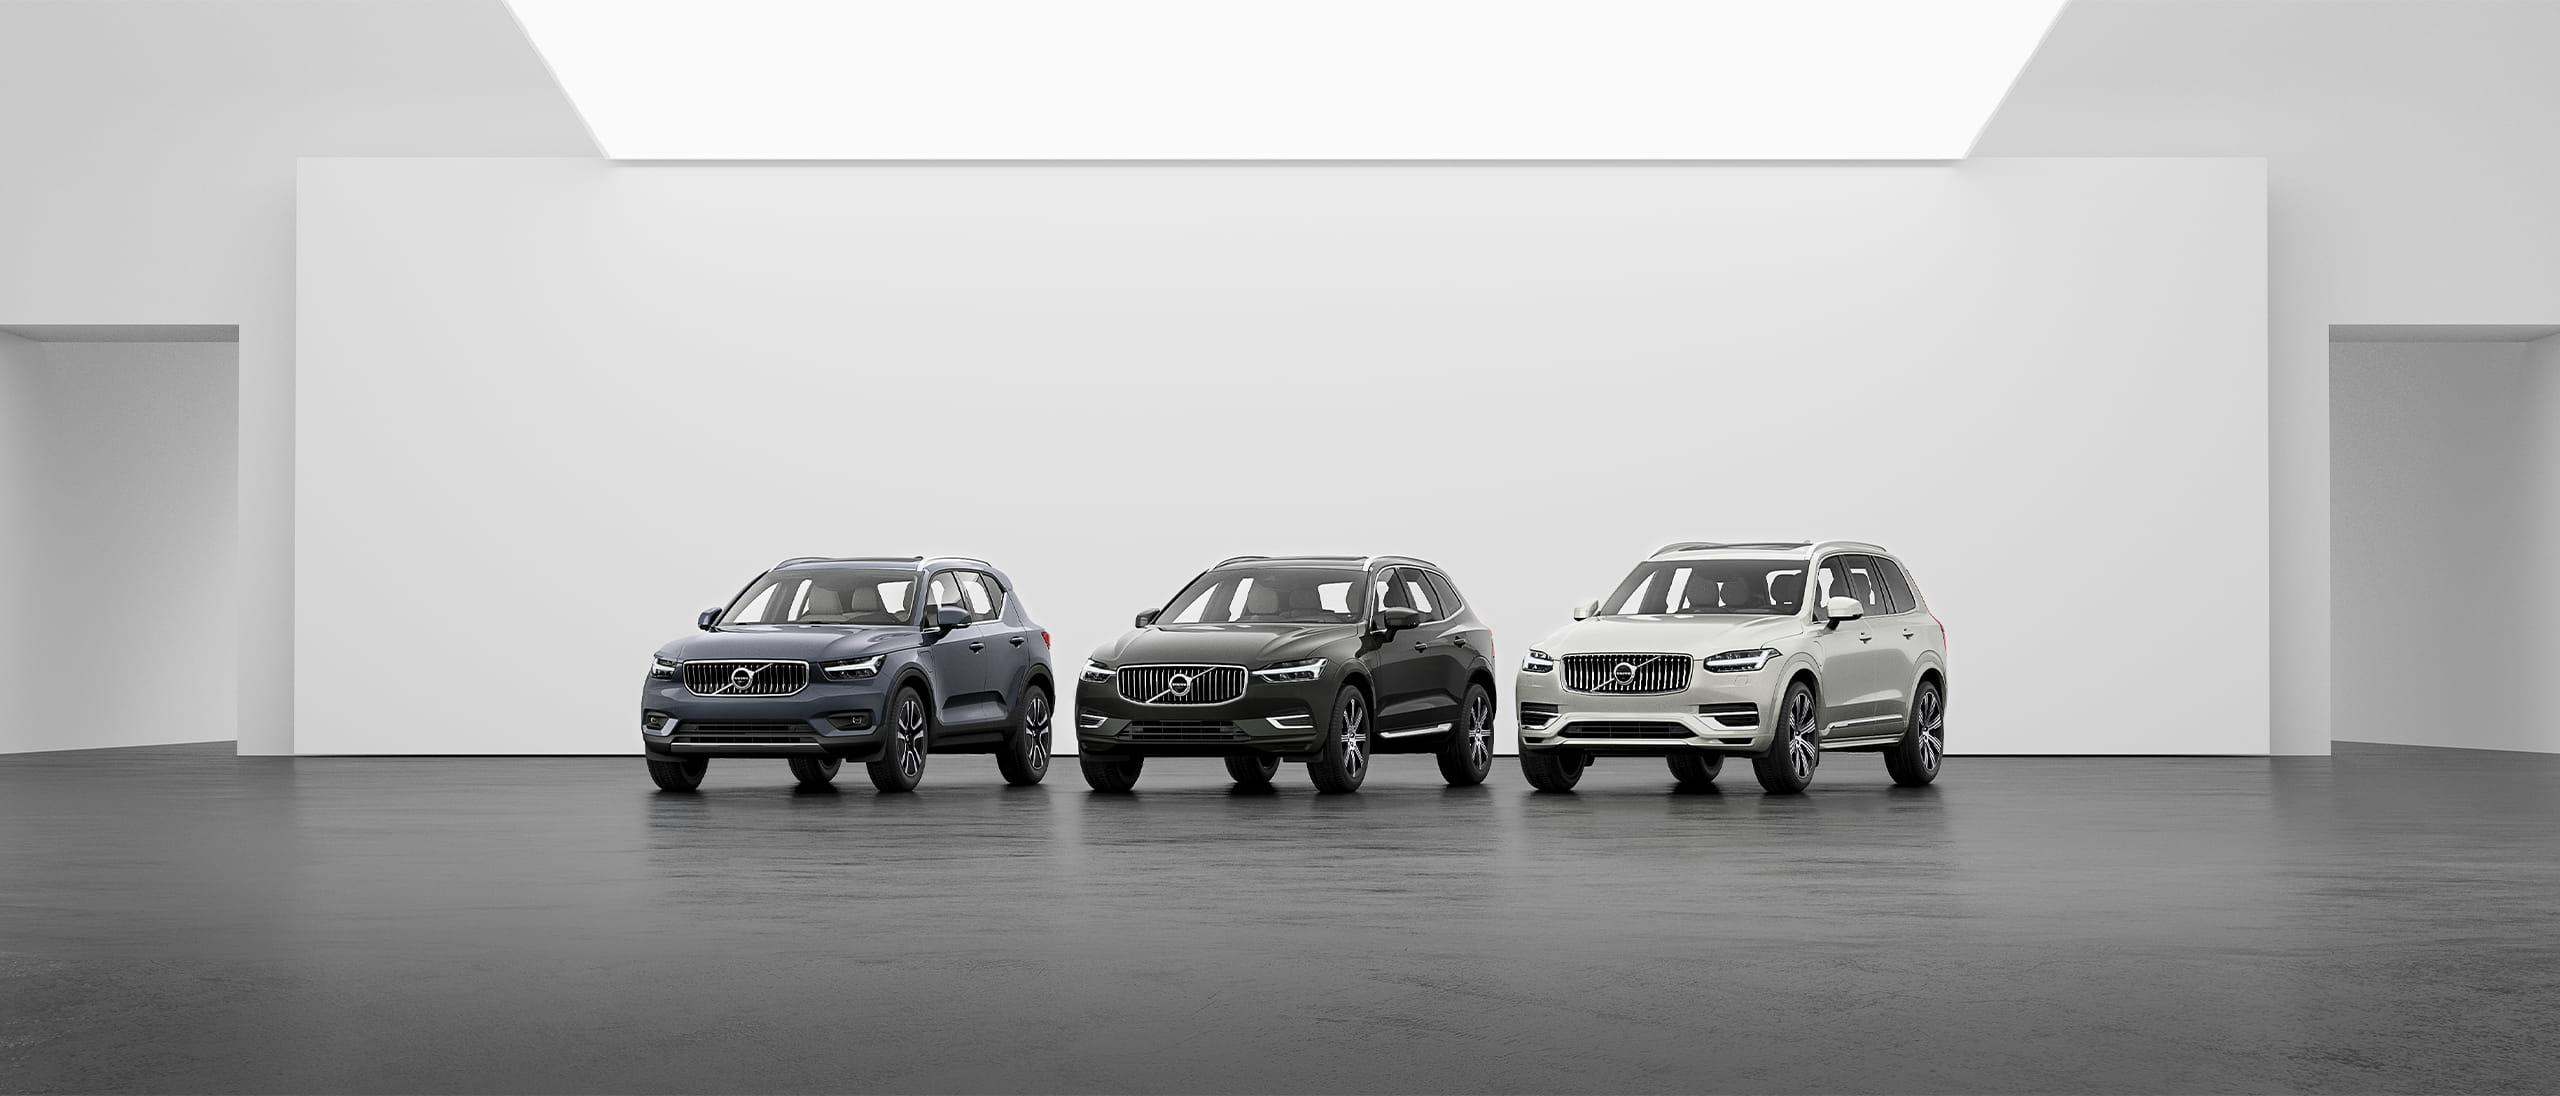 Gamme de SUV Volvo: XC40, XC60 et XC90 sur un sol gris